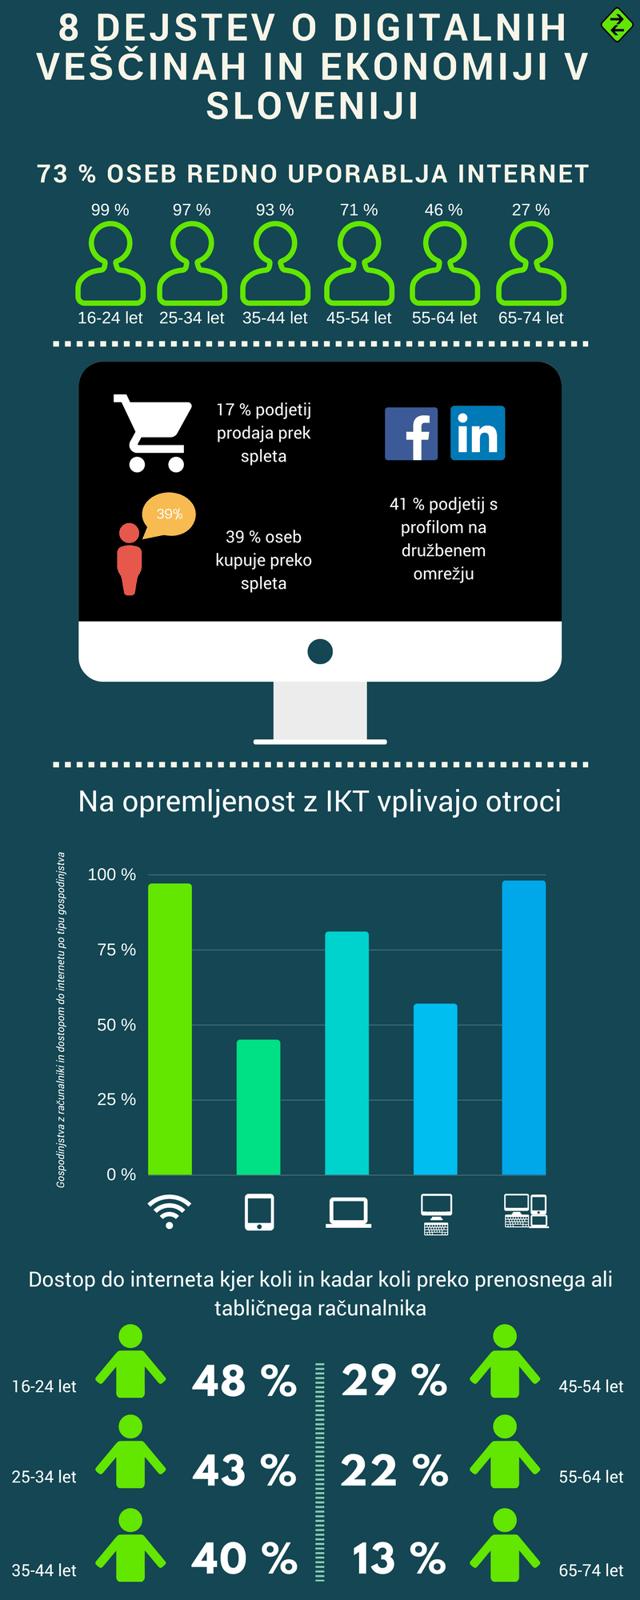 BLOG-8 dejstev o digitalnih veščinah in ekonomiji v Sloveniji - INFOGRAFIKA 1.png